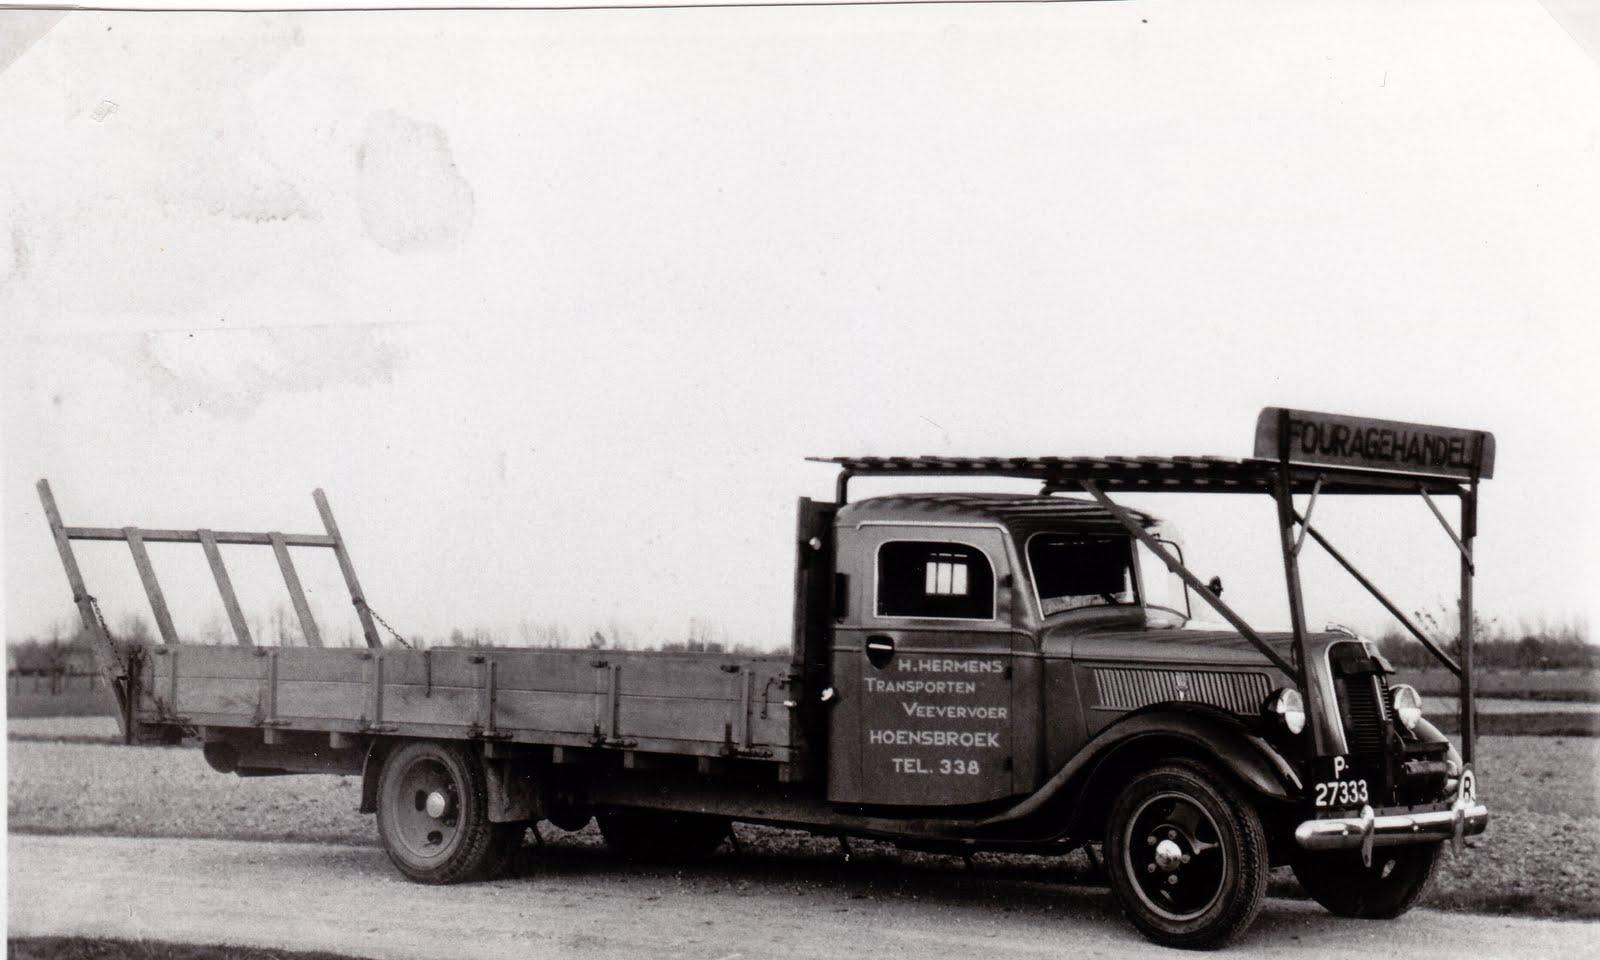 1937-Ford-V8-85-Pk-Hermens-H-Hoensbroek--veehandel-Fourage-handel